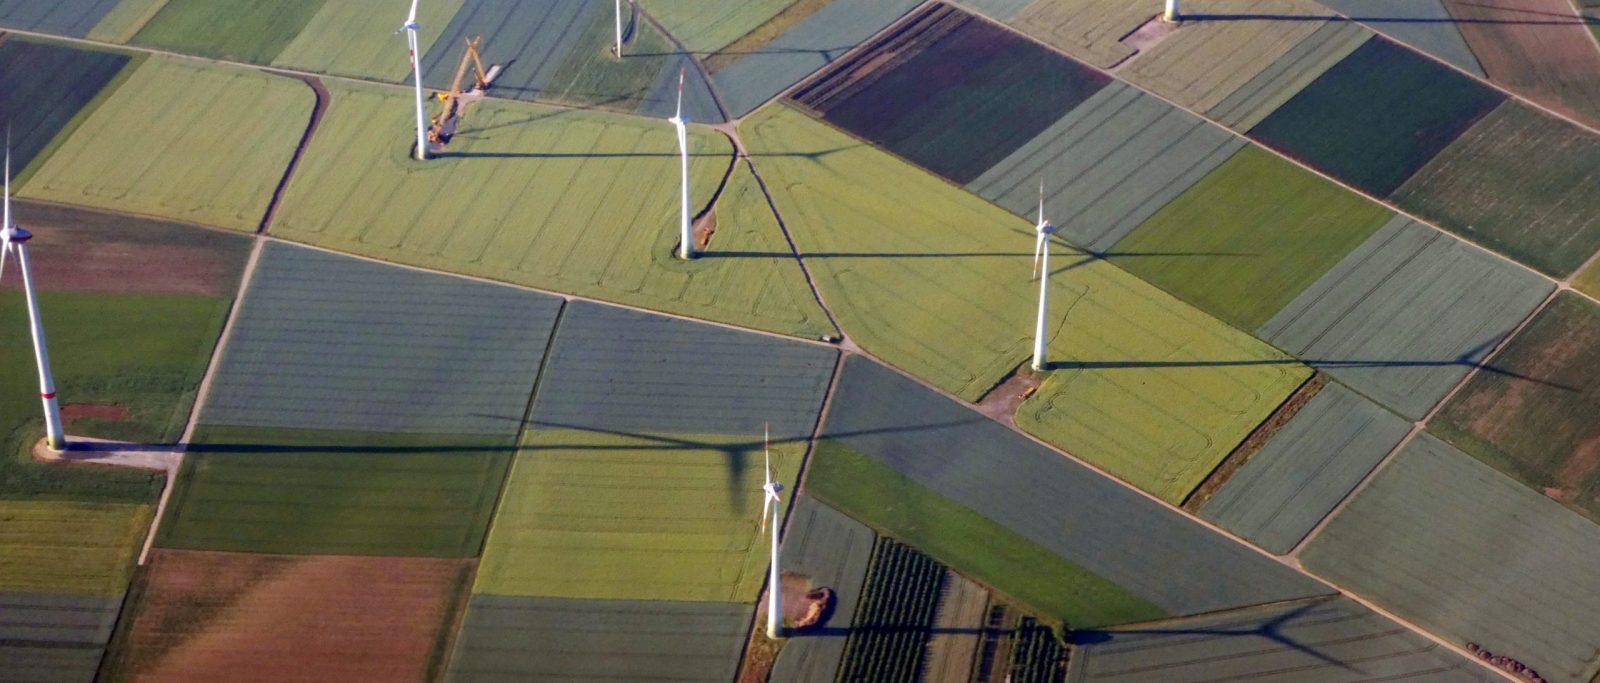 les projets de construction de moyens renouvelables ralentis par la crise du covid 19